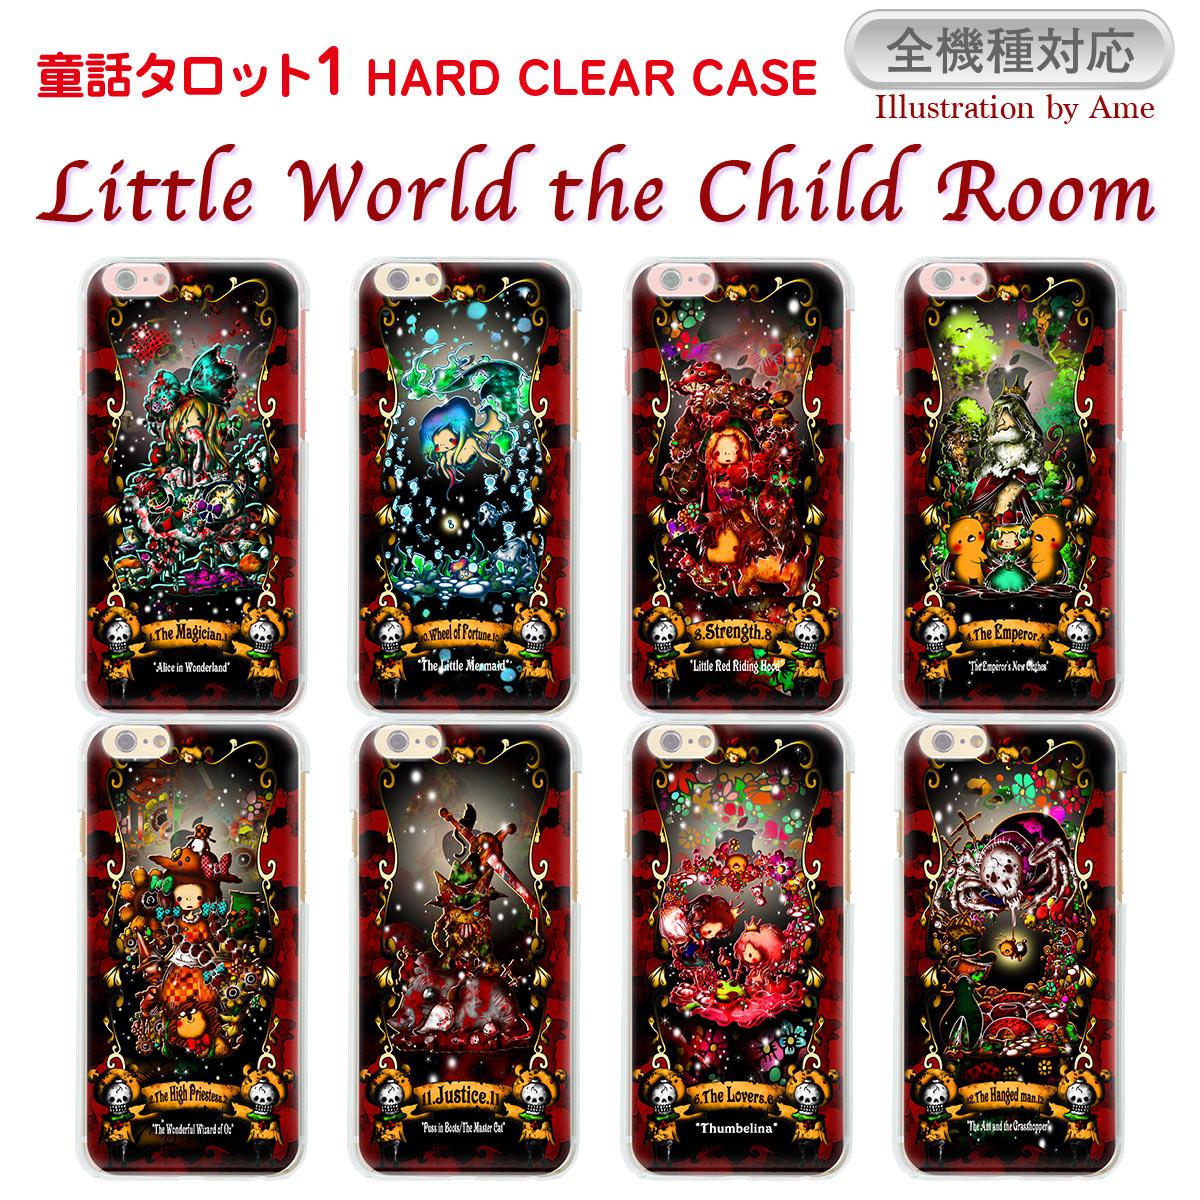 スマホケース 全機種対応 ケース カバー ハードケース クリアケース iPhoneXS Max iPhoneXR iPhoneX iPhone8 Plus iPhone7 iPhone6s iPhone SE 5s Xperia XZ3 XZ2 XZ1 XZ XZs SO-01L SO-05K SO-03K aquos R2 R SH-03K galaxy S9 S8 Little World 25-zen-02